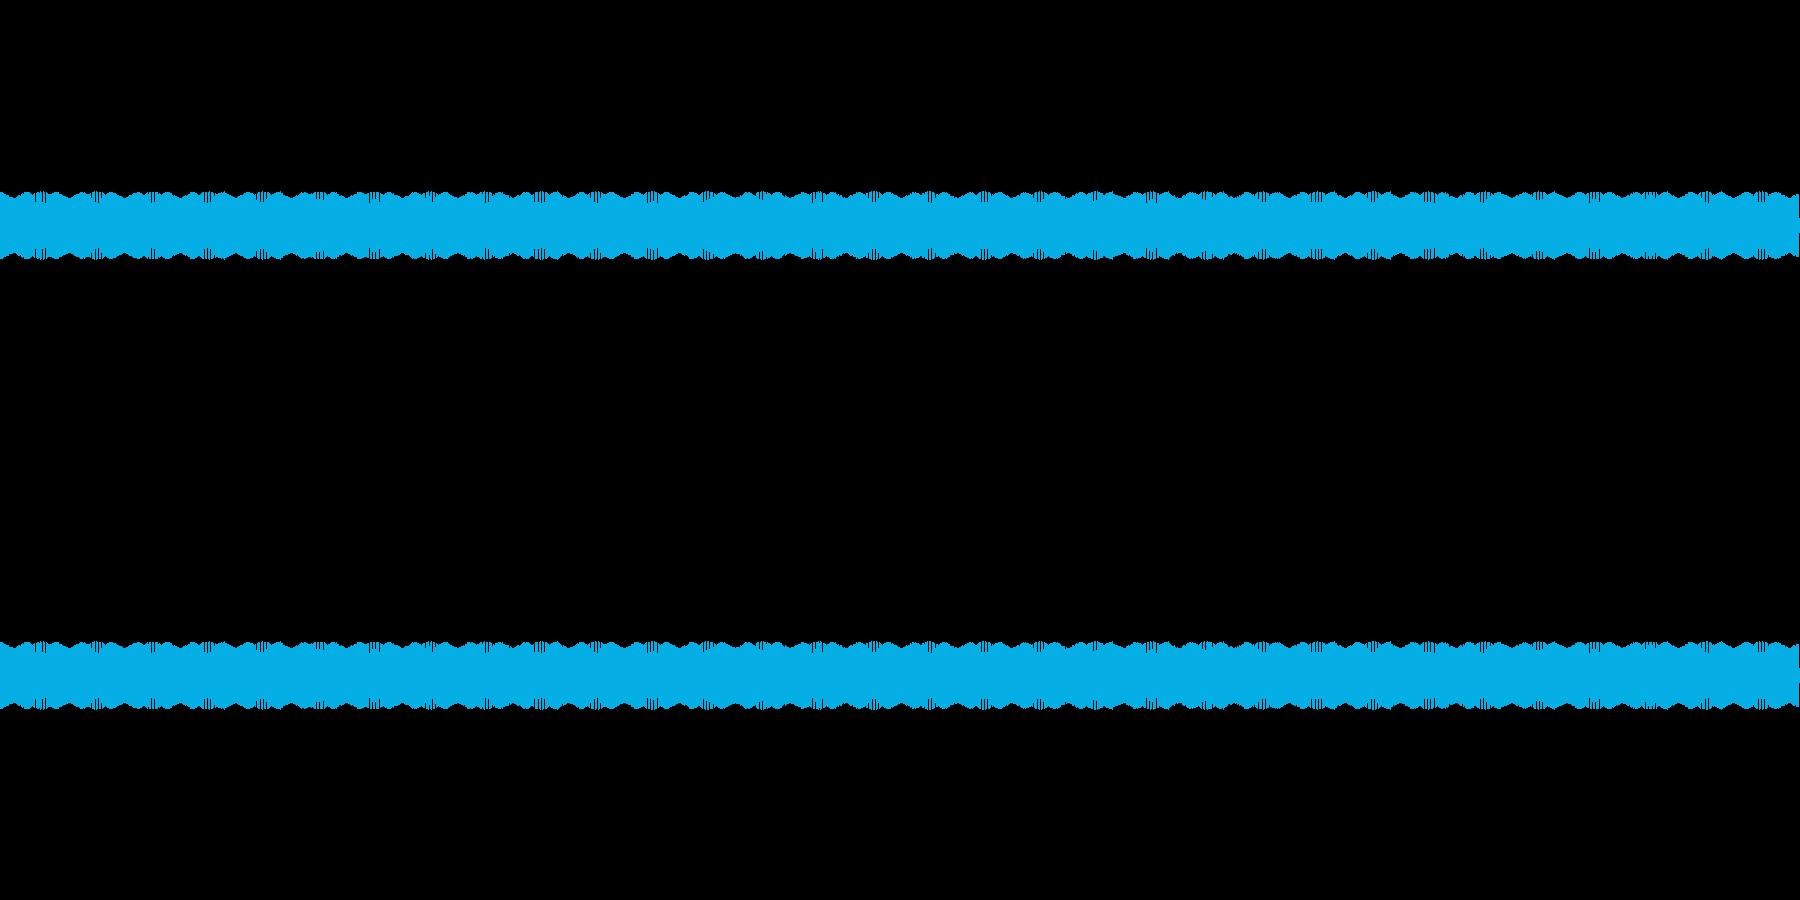 放送禁止用語のかぶせ音の再生済みの波形